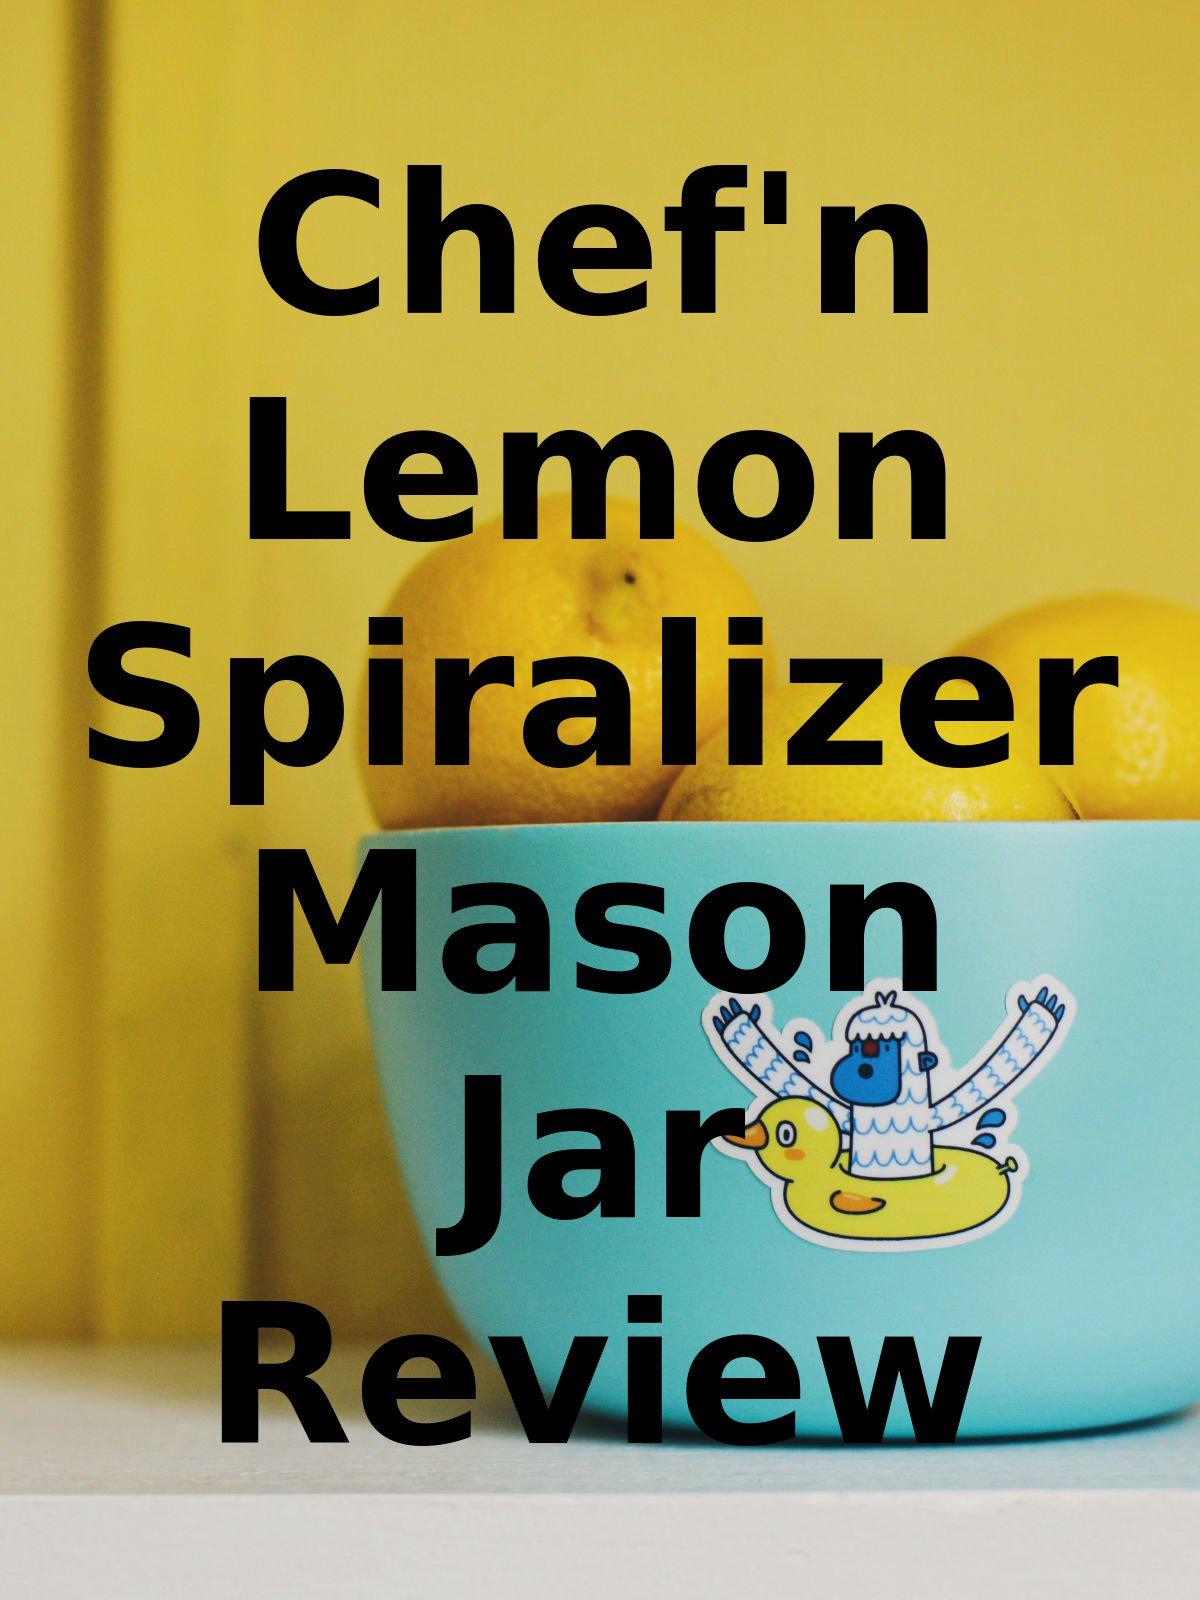 Review: Chef'n Lemon Spiralizer Mason Jar Review